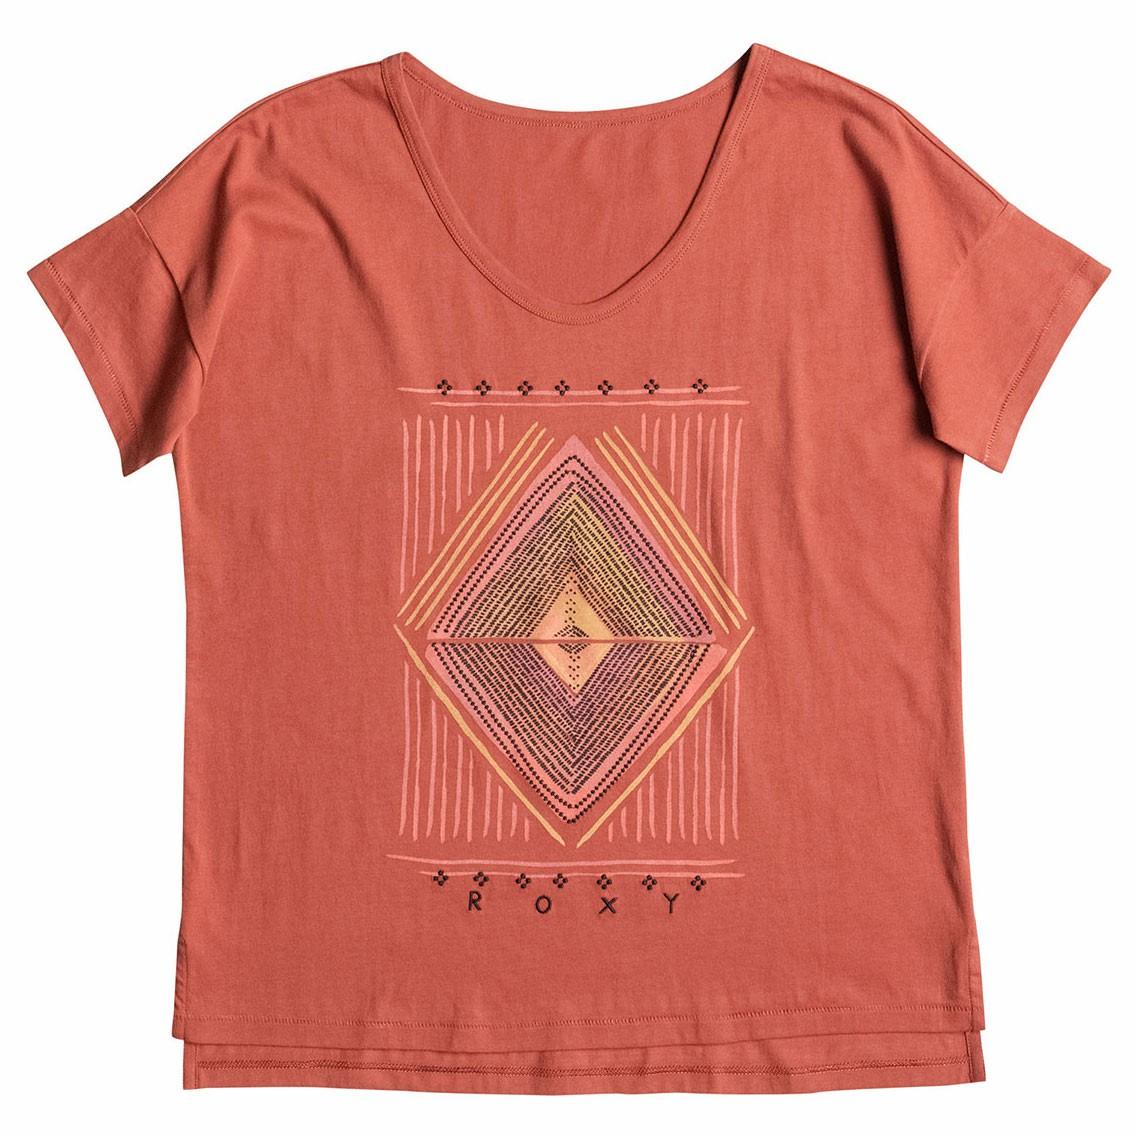 Tričko Roxy Loose Tee A picante vel.S 15 + doručení do 24 hodin